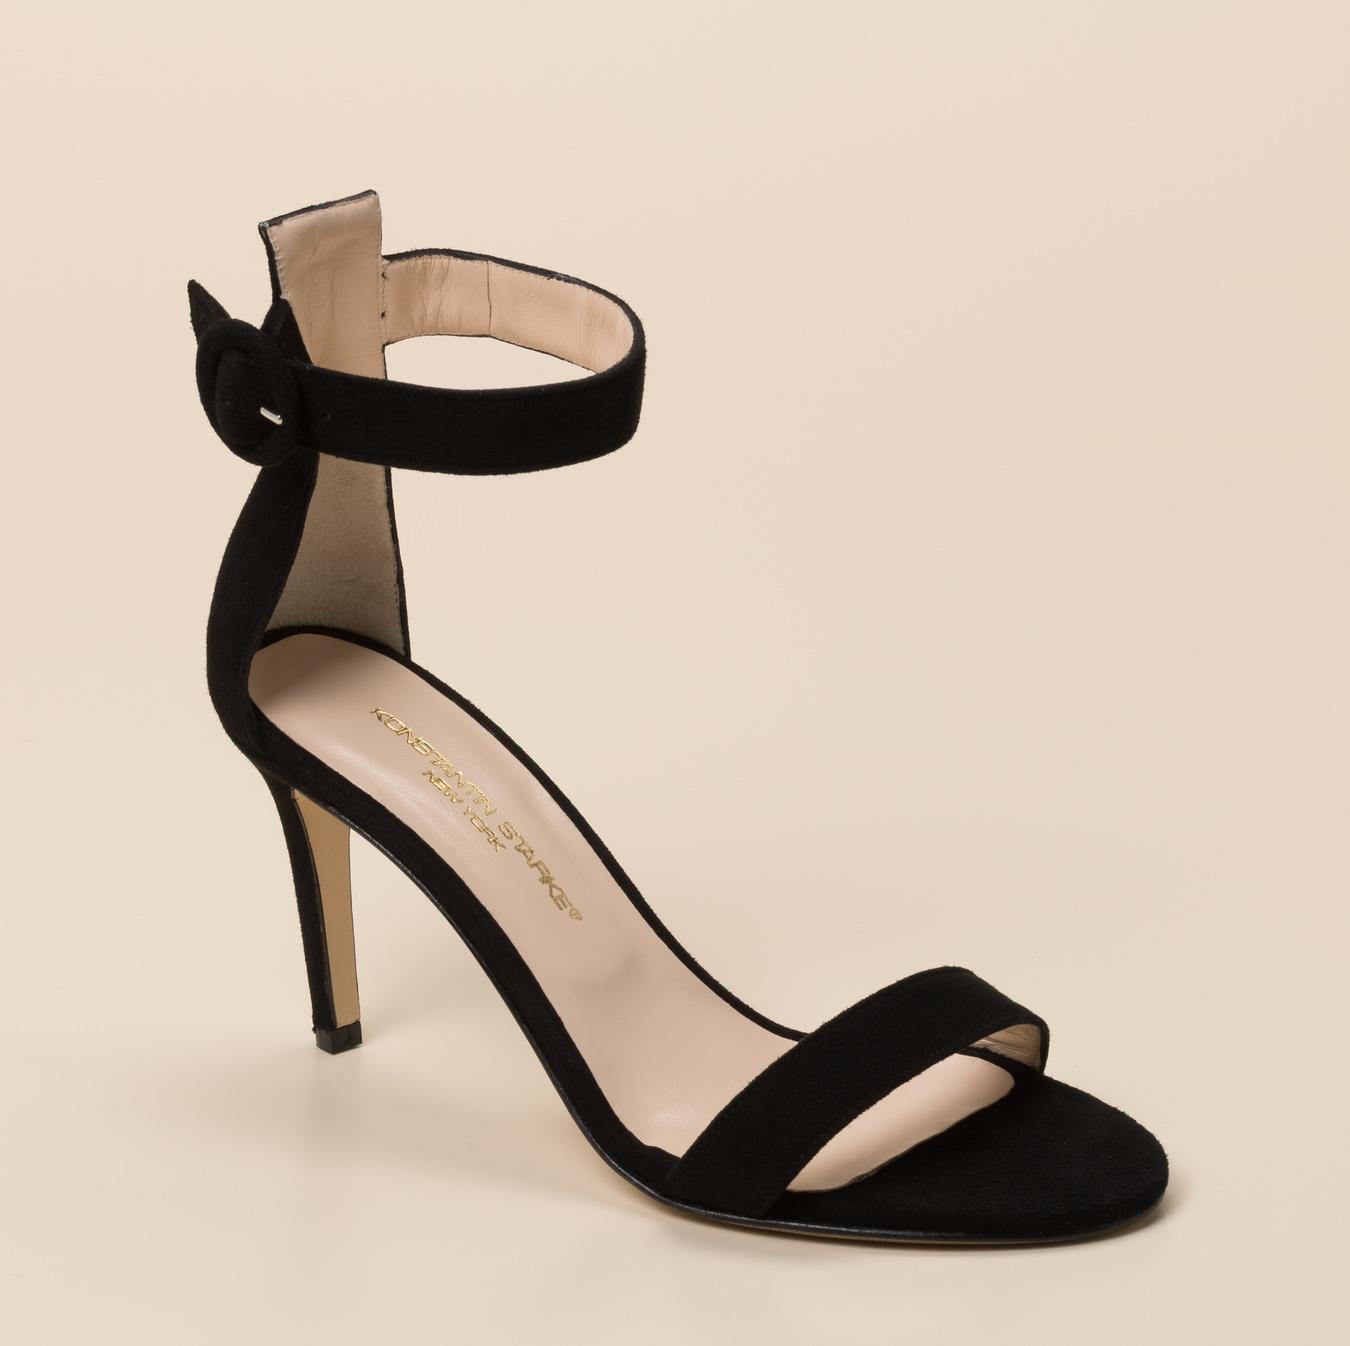 Ausgefallene Sandalette Schwarze Sandalette Schwarze Ausgefallene Schwarze WodCxerB